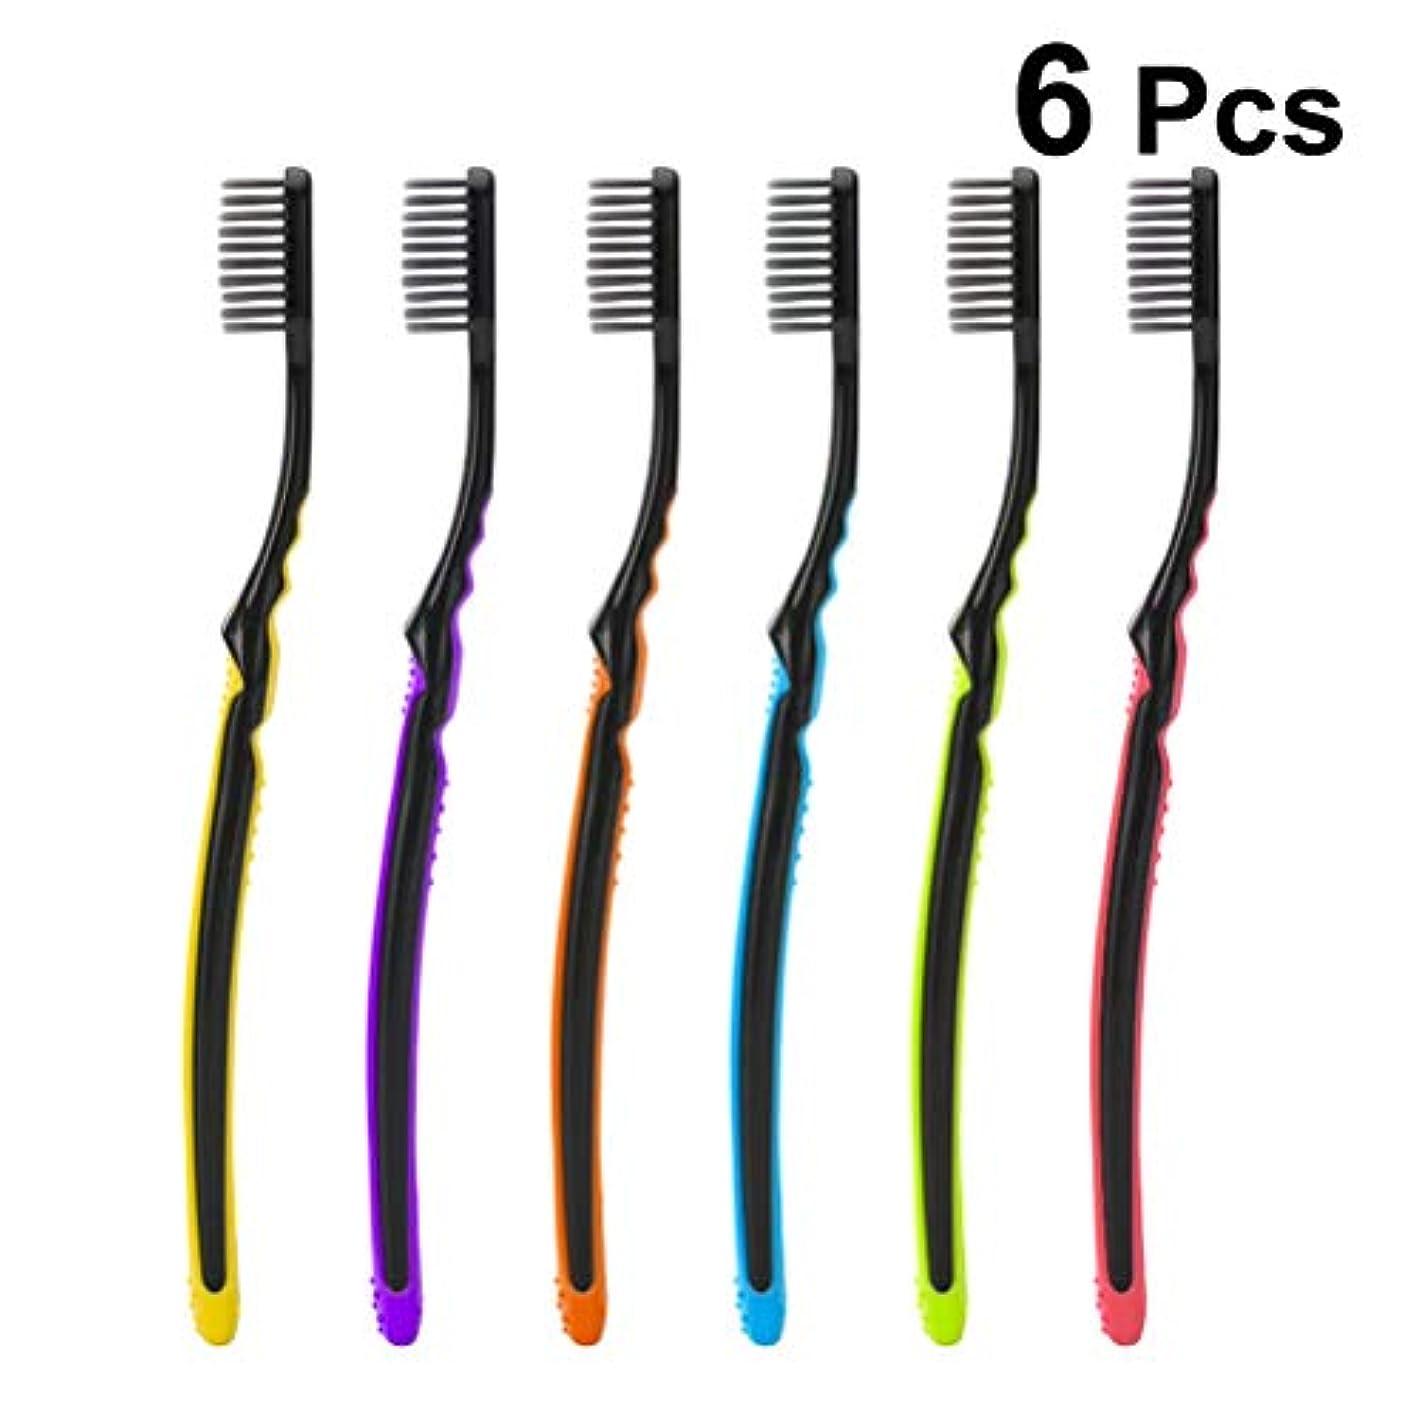 通り著者手荷物SUPVOX 深く口腔クリーニングセットのための6本の柔らかい手動歯ブラシ歯ブラシ